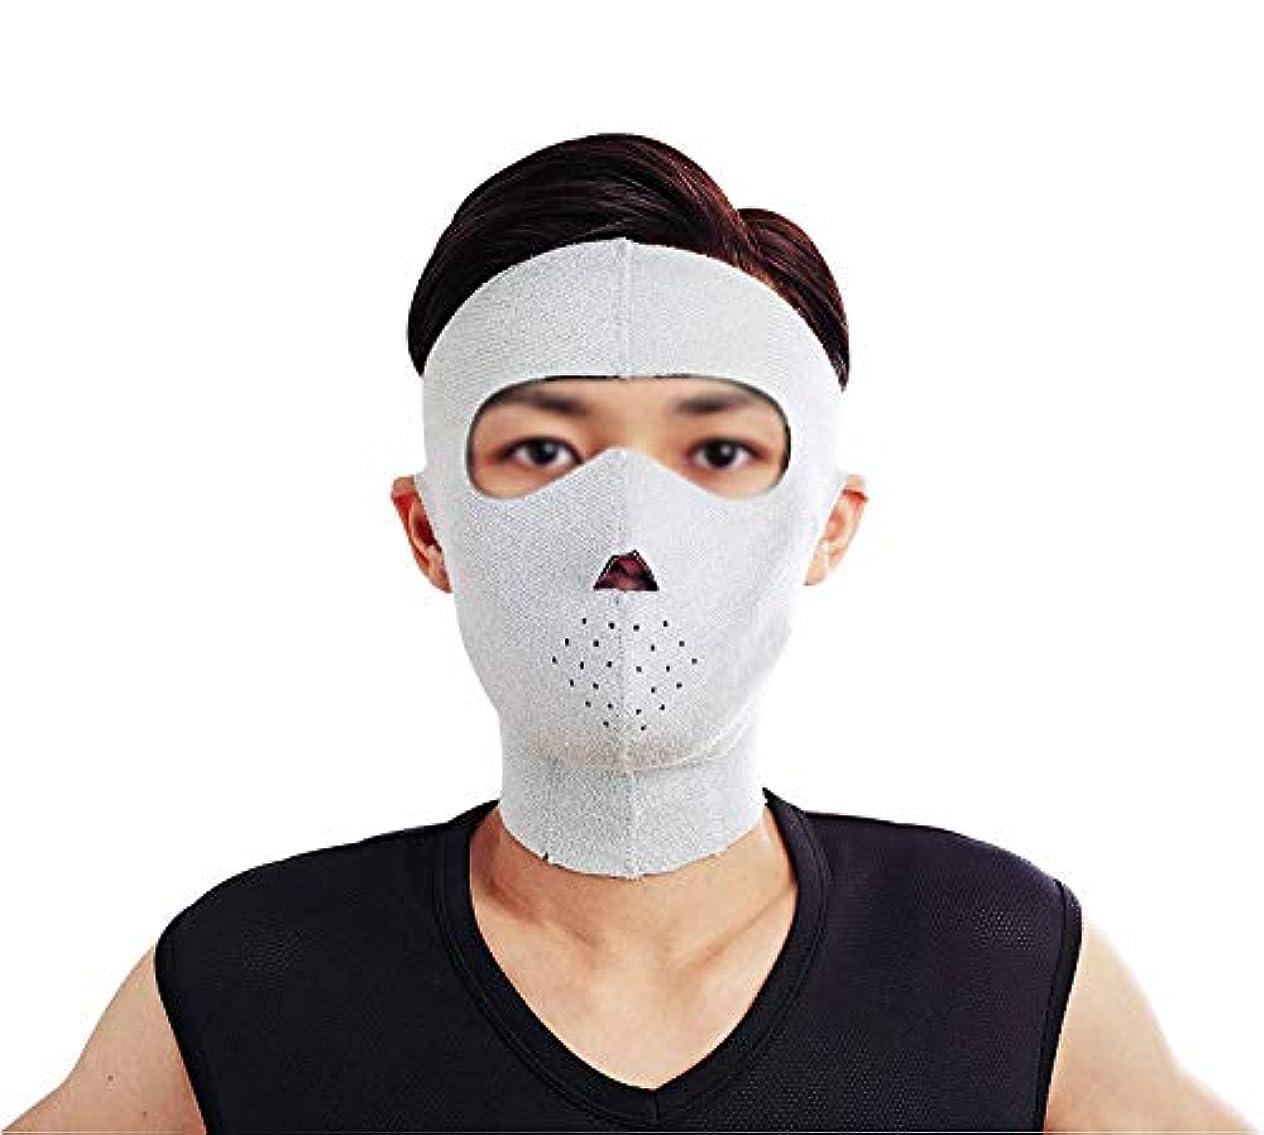 もしニュース行進フェイスリフトマスク、フェイシャルマスクプラス薄いフェイスマスクタイトアンチたるみシンフェイスマスクフェイシャル薄いフェイスマスクアーティファクト美容男性ネックストラップ